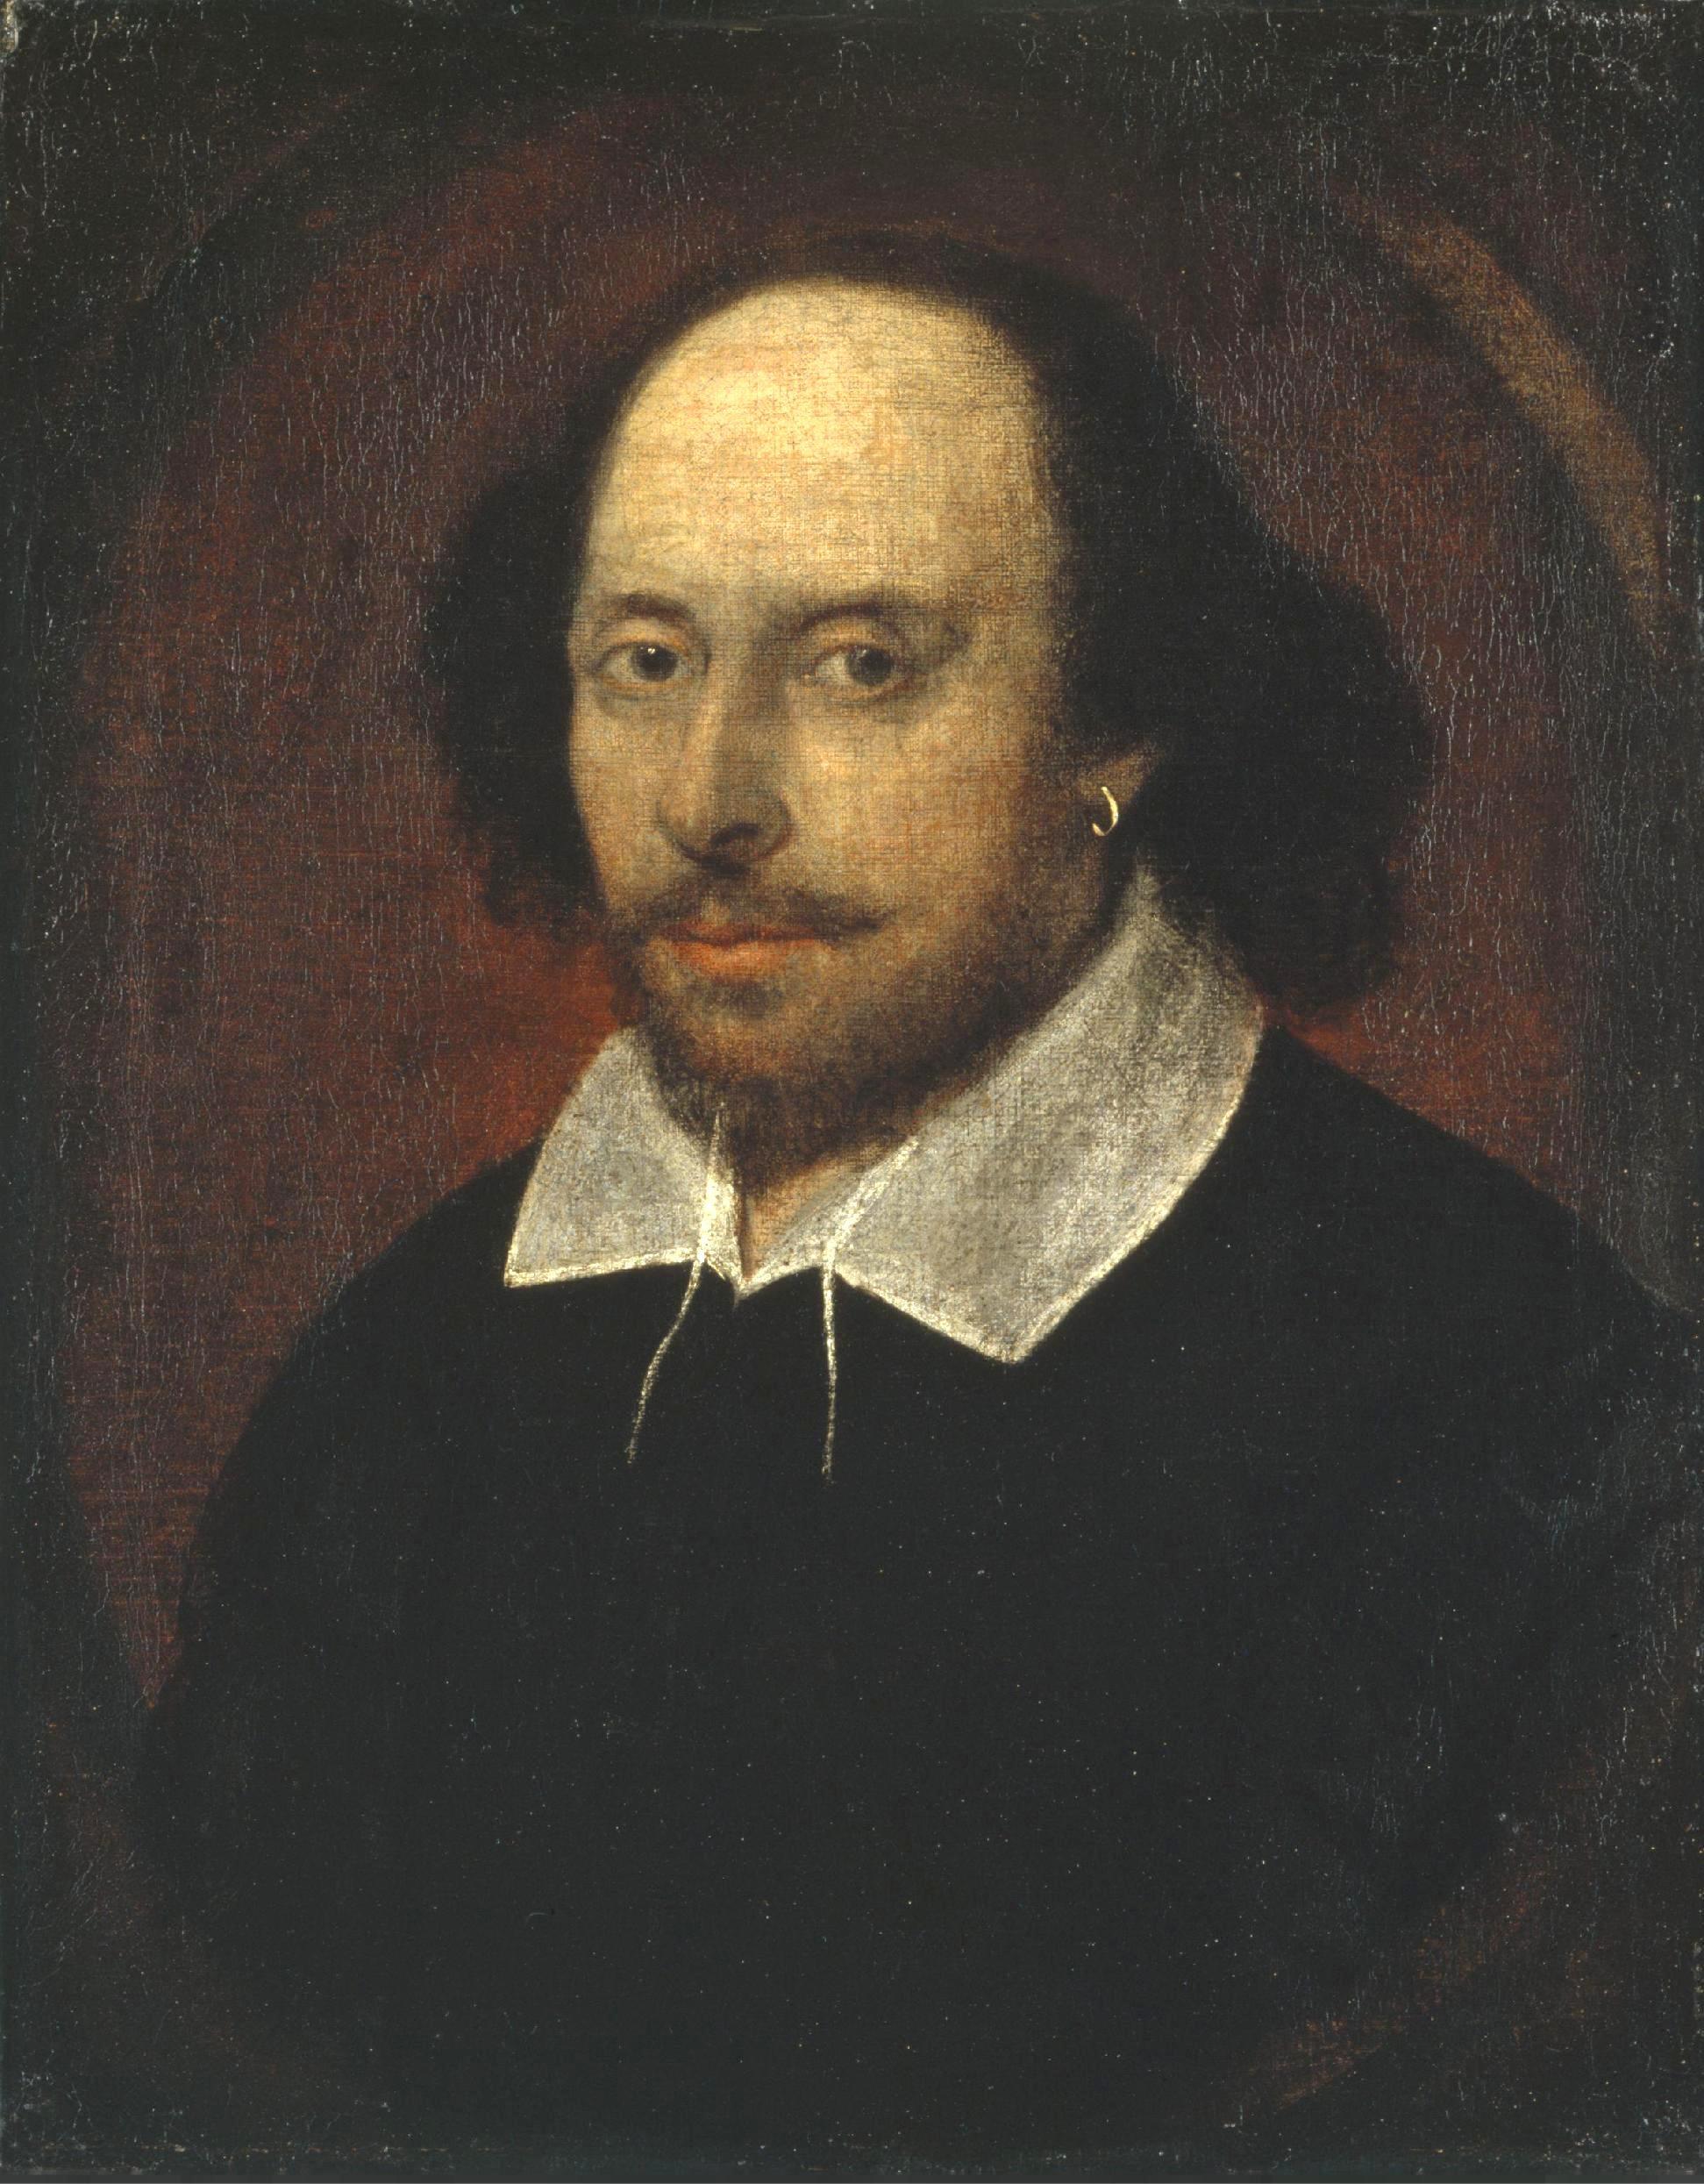 Πατήστε στην εικόνα για να τη δείτε σε μεγένθυνση  Όνομα:  Shakespeare.jpg Εμφανίσεις:  140 Μέγεθος:  527,1 KB